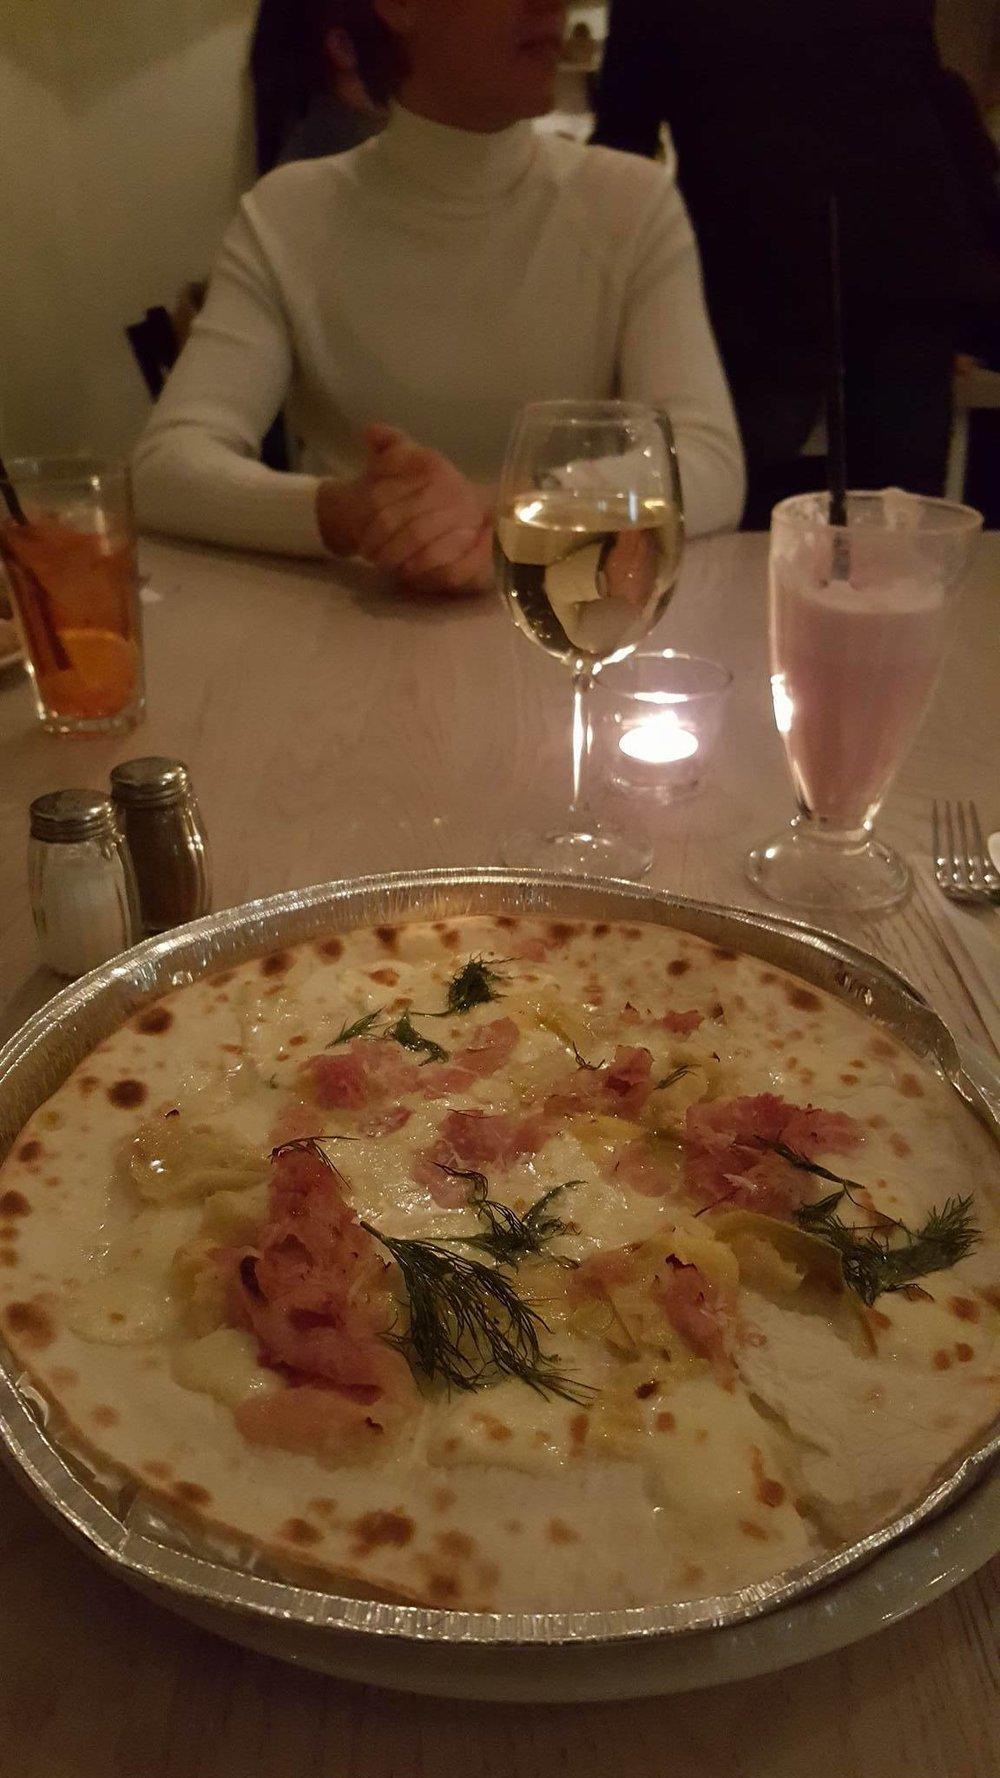 Už nuotrauką ir paragautą picą be gliuteno dėkoju savo draugams:Petrui ir Karoliui!